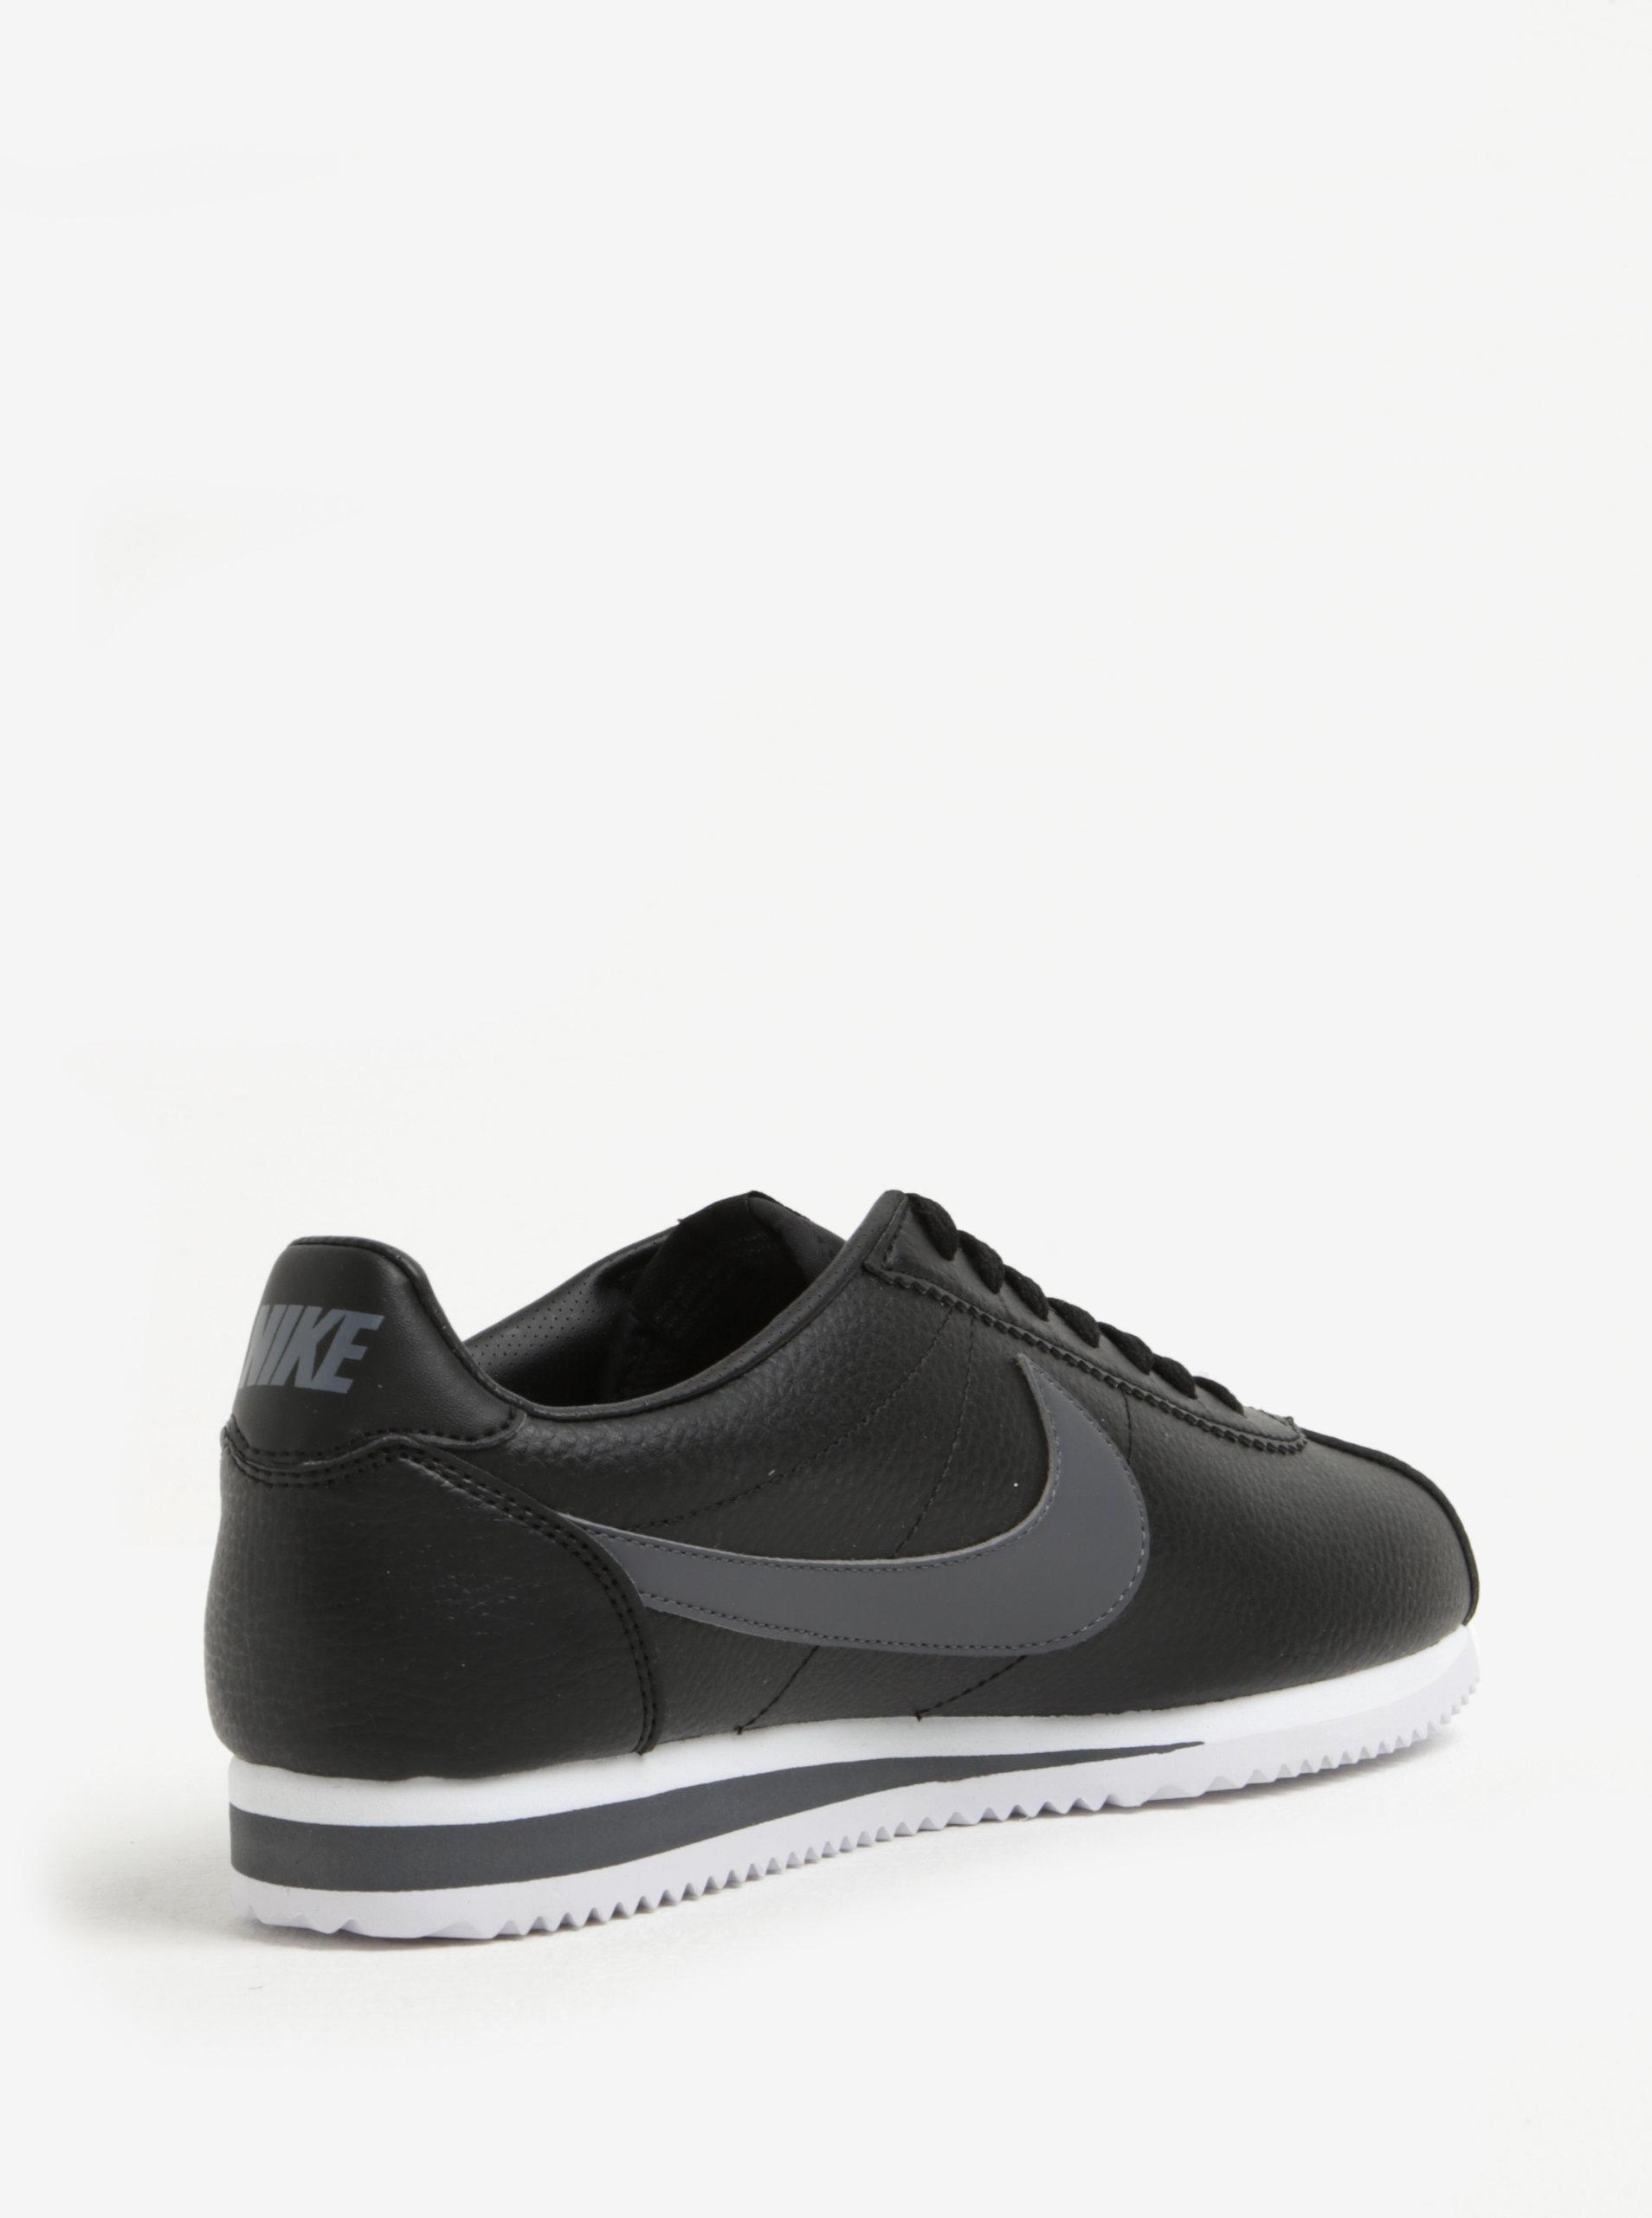 e3a41bcbaa0 Čierne pánske kožené tenisky Nike Classic Cortez ...